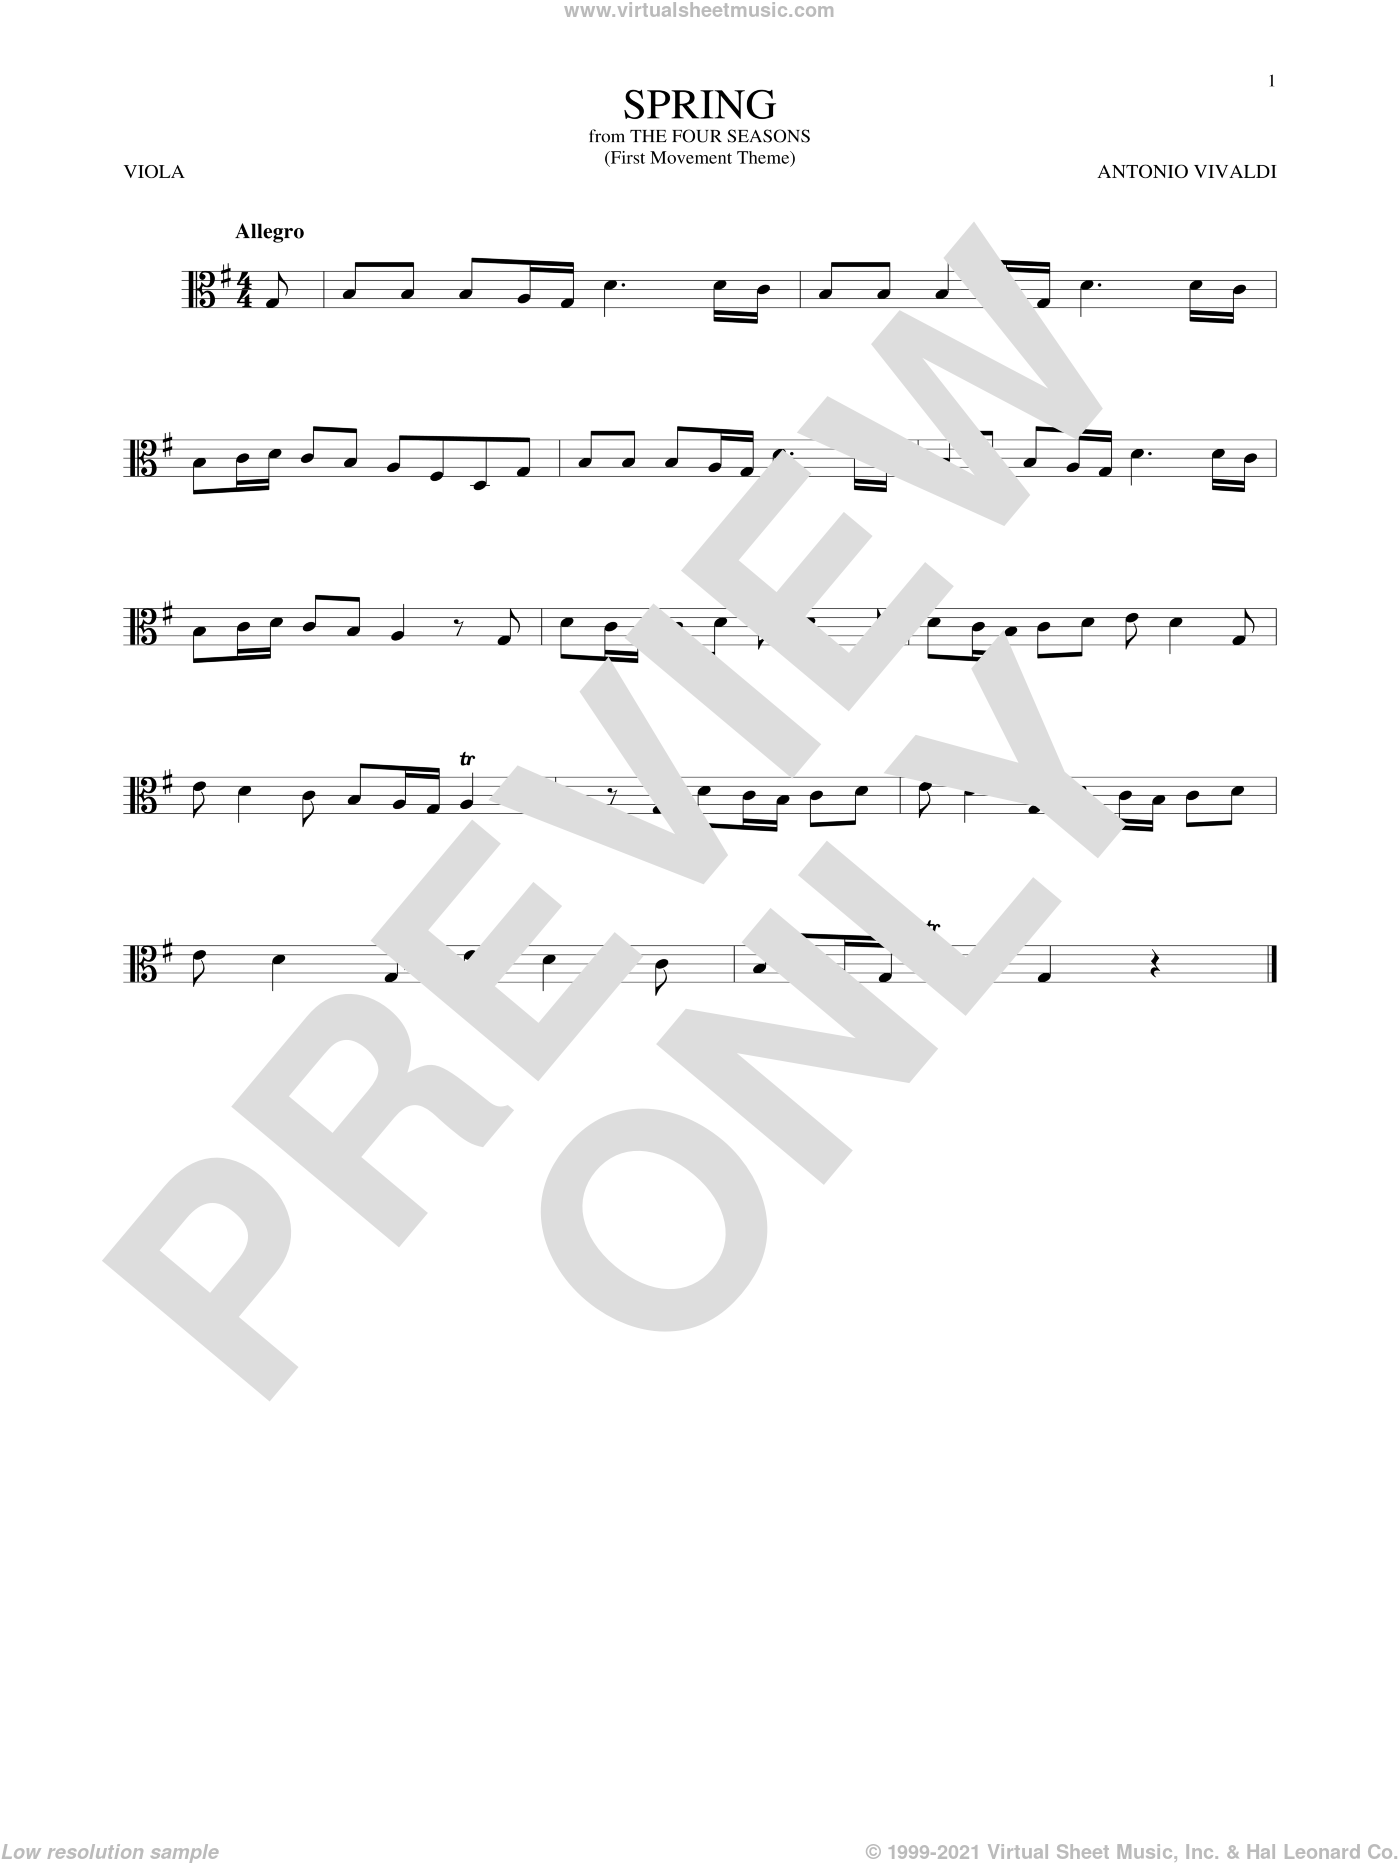 Allegro I, RV 269 ('Spring') sheet music for viola solo by Antonio Vivaldi, classical score, intermediate skill level